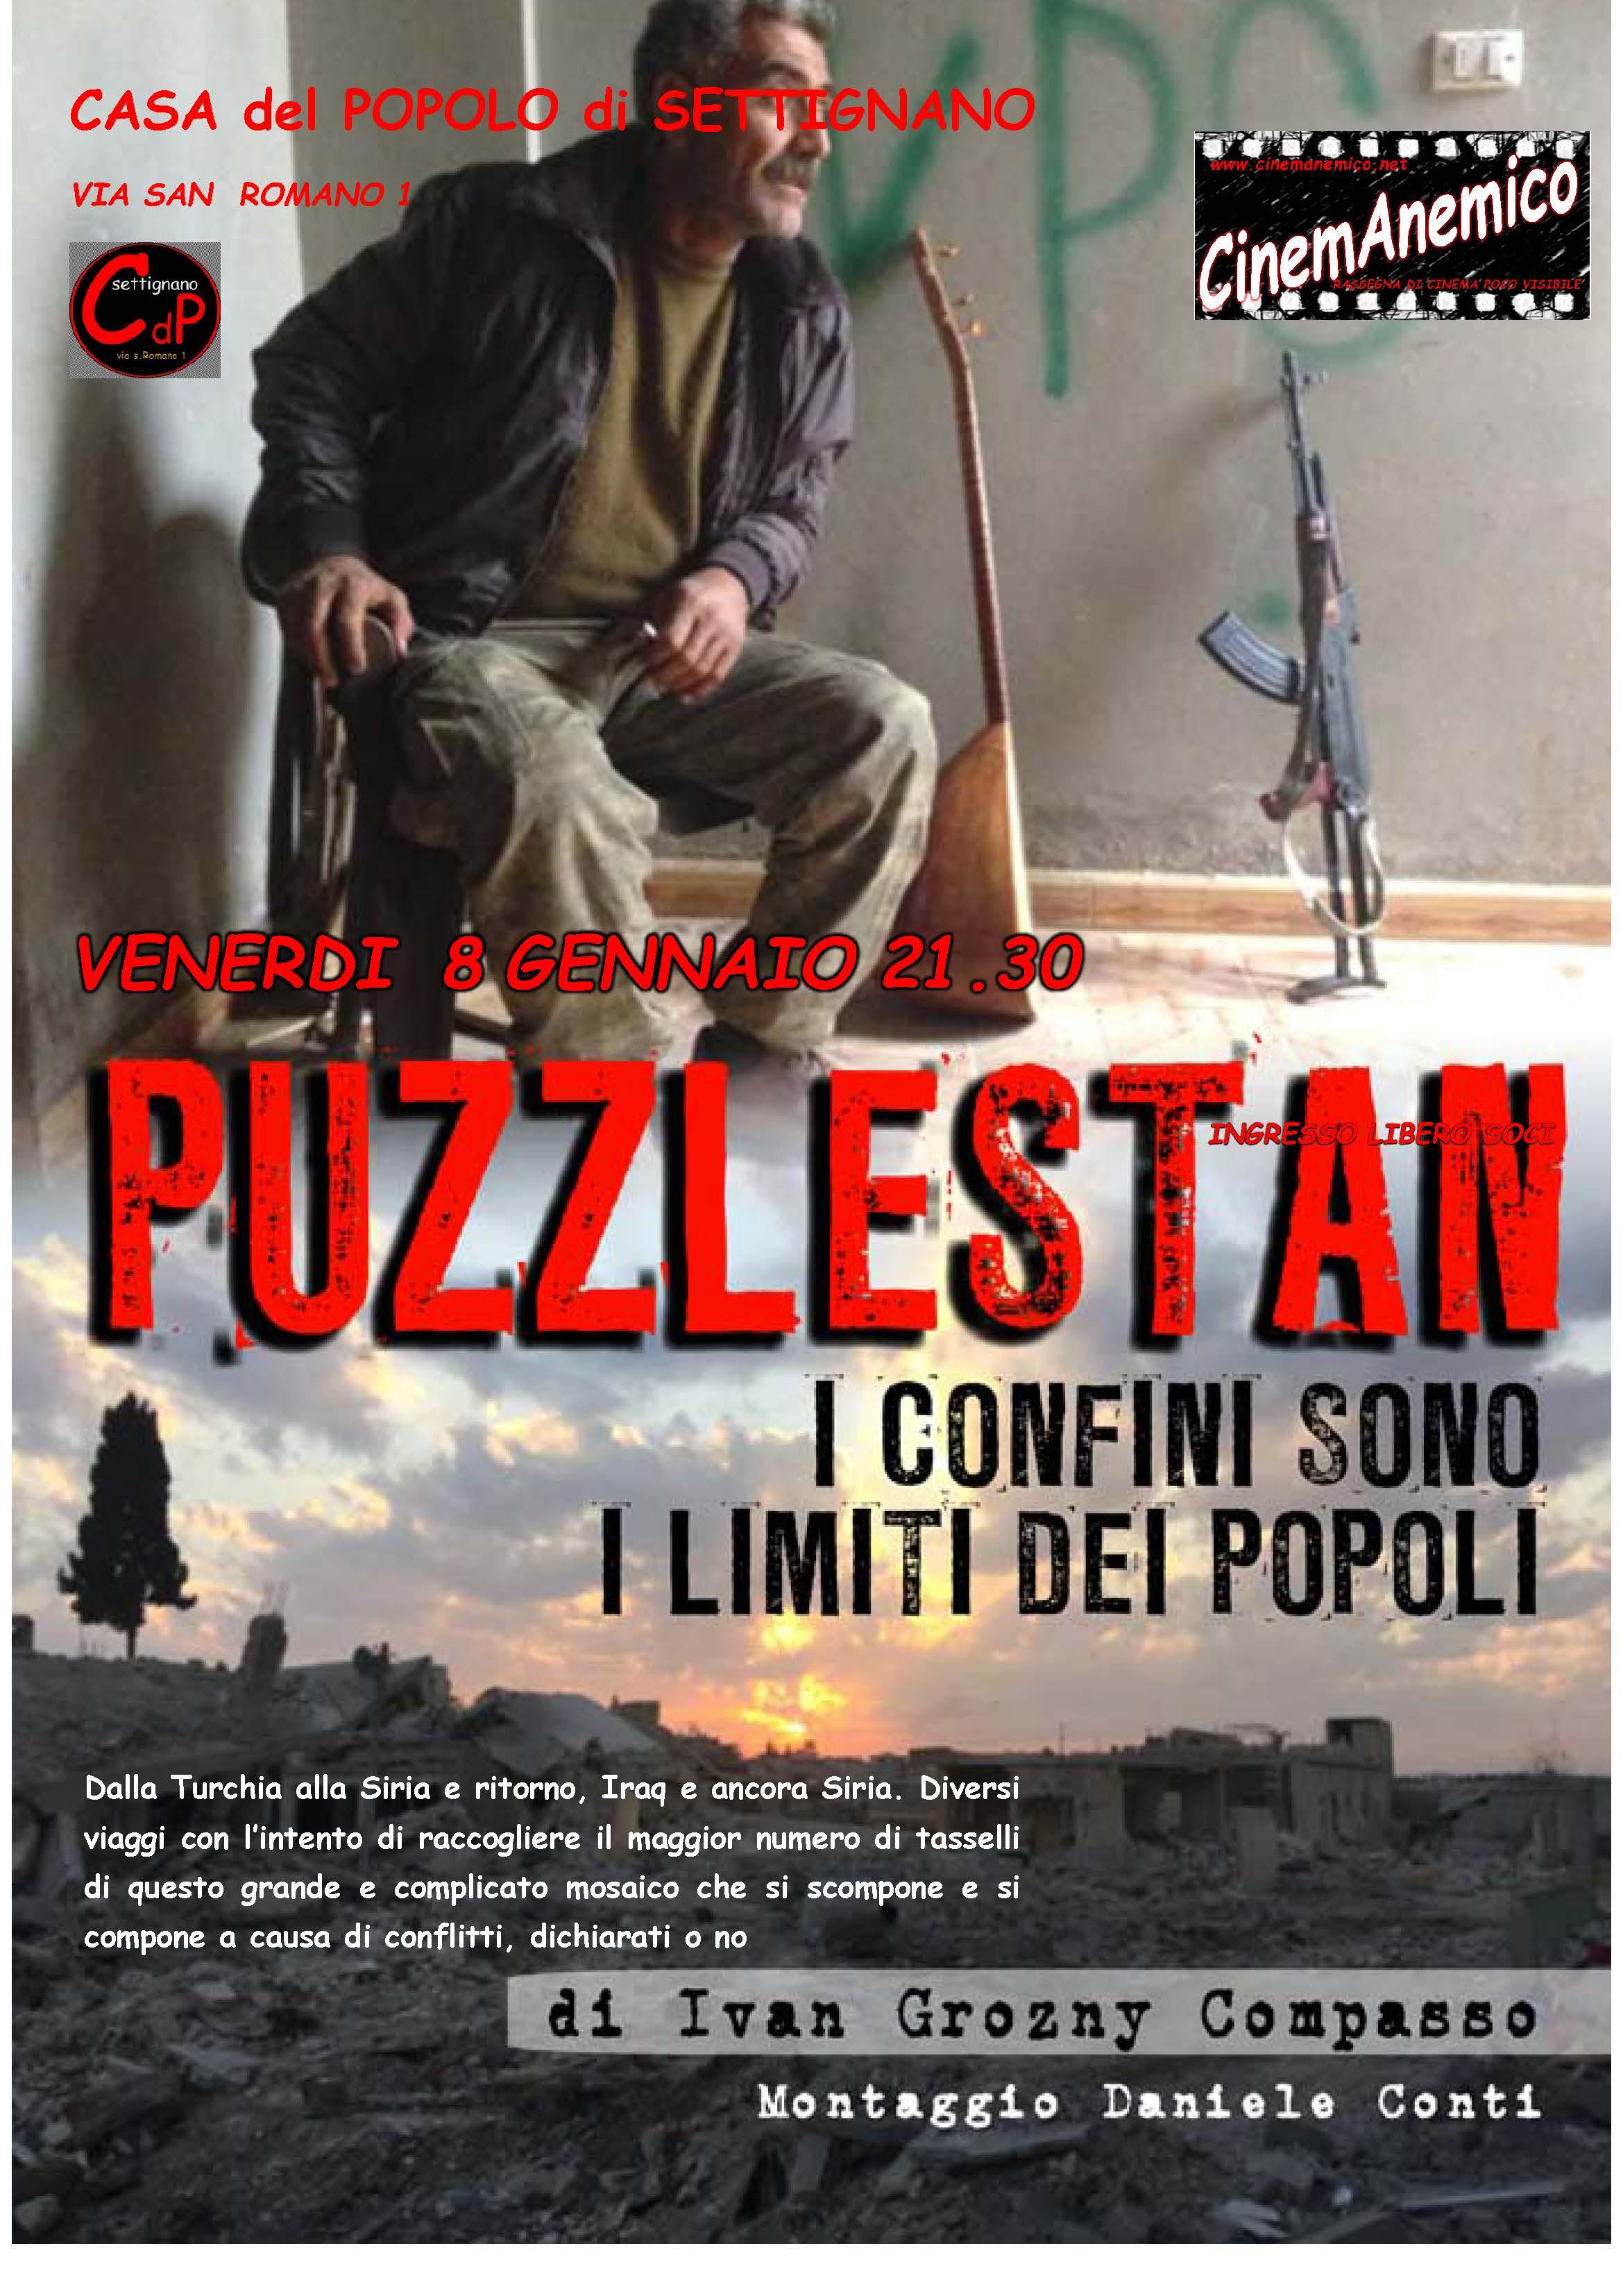 Puzzlestan